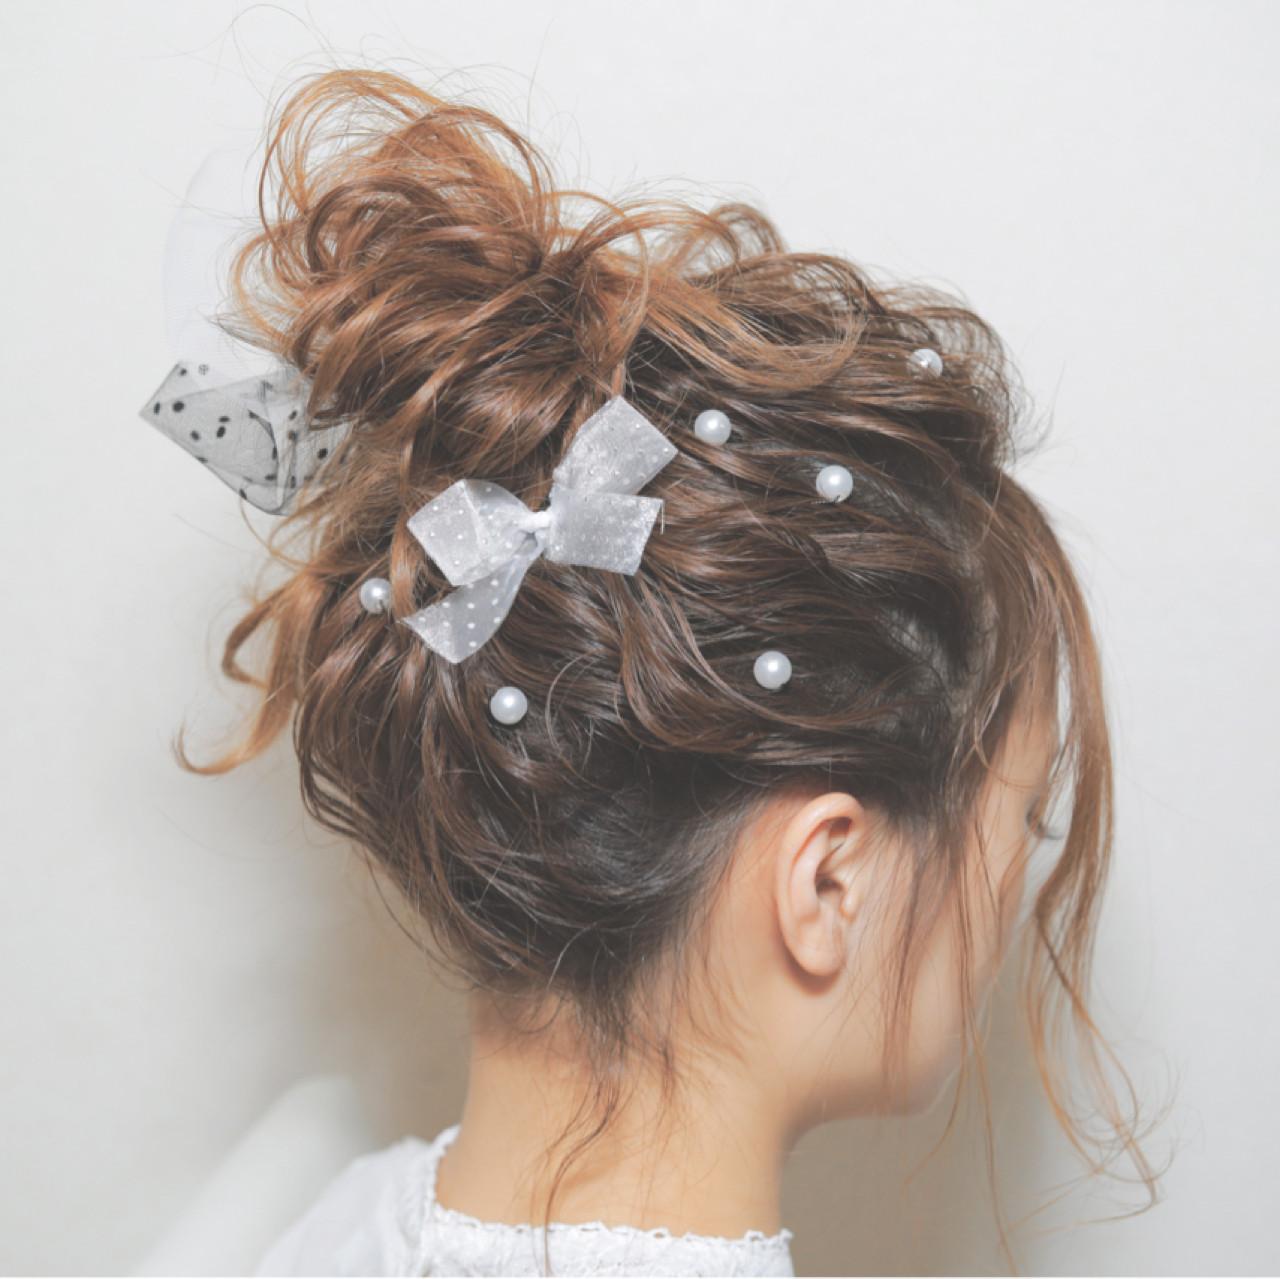 愛され セミロング フェミニン ストリート ヘアスタイルや髪型の写真・画像